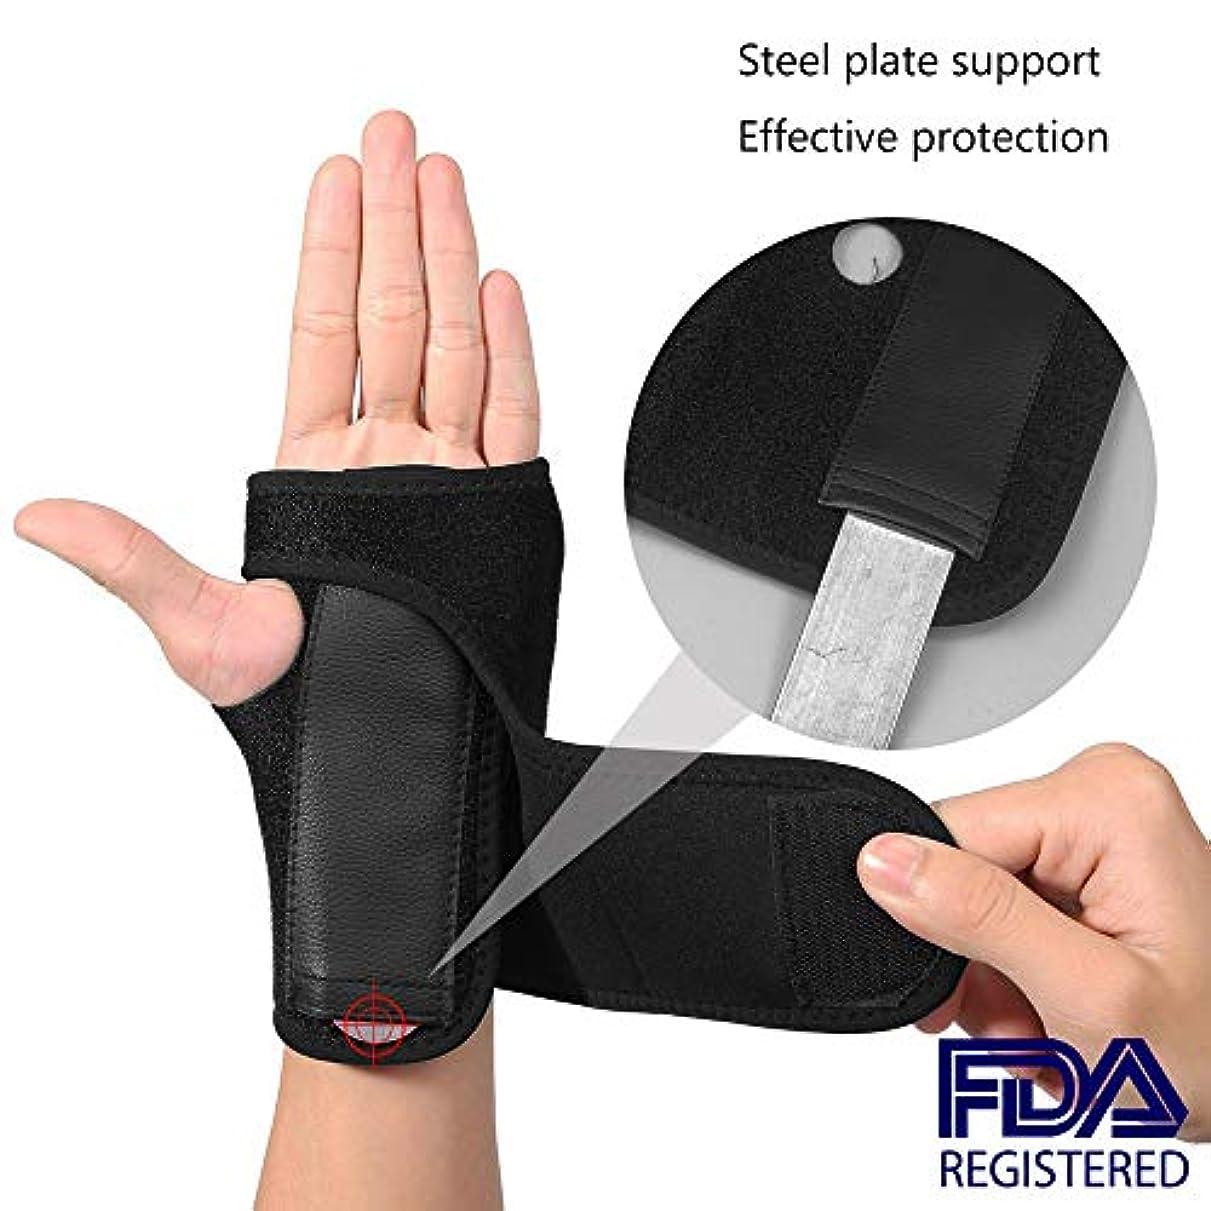 ほんの参加する定規De Quervainの腱鞘炎、手根管痛、腱炎のためのスタビライザー、関節炎、捻挫、骨折前腕サポートキャスト